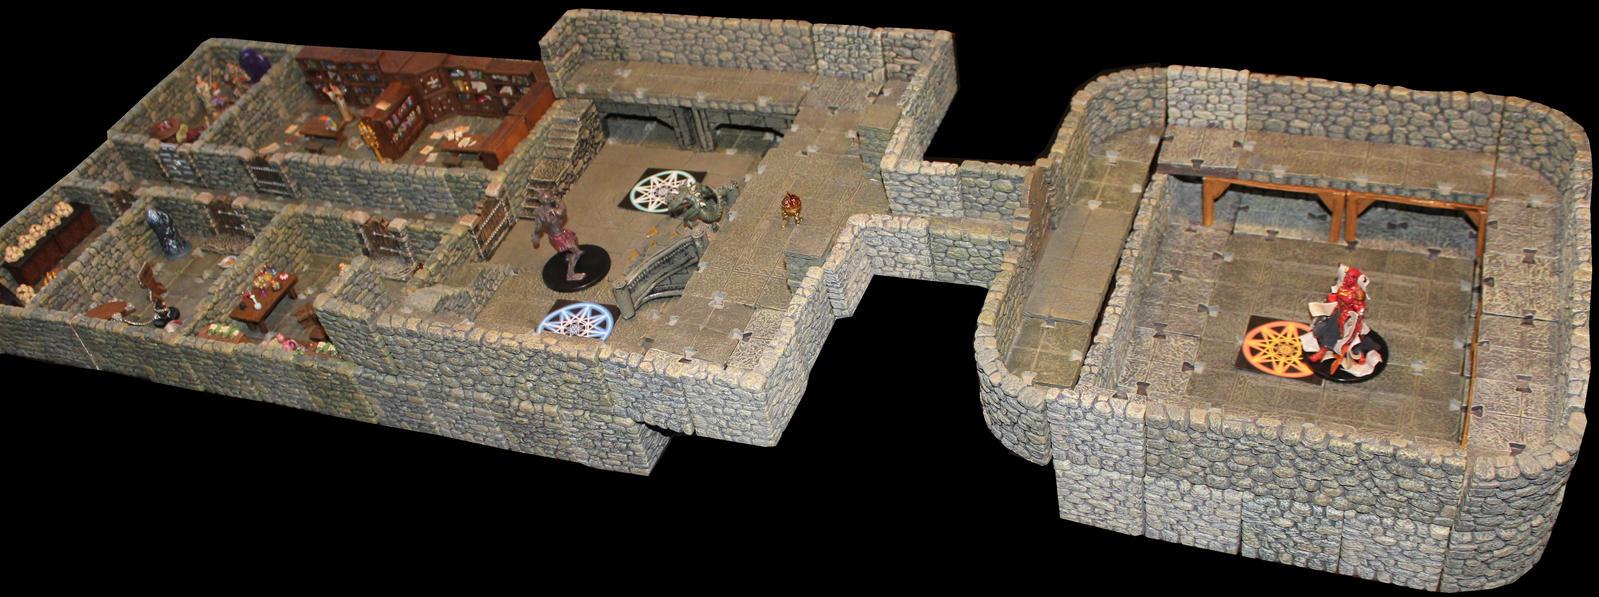 Academy of Secrets Belzeragna angle 3 by MrVergee